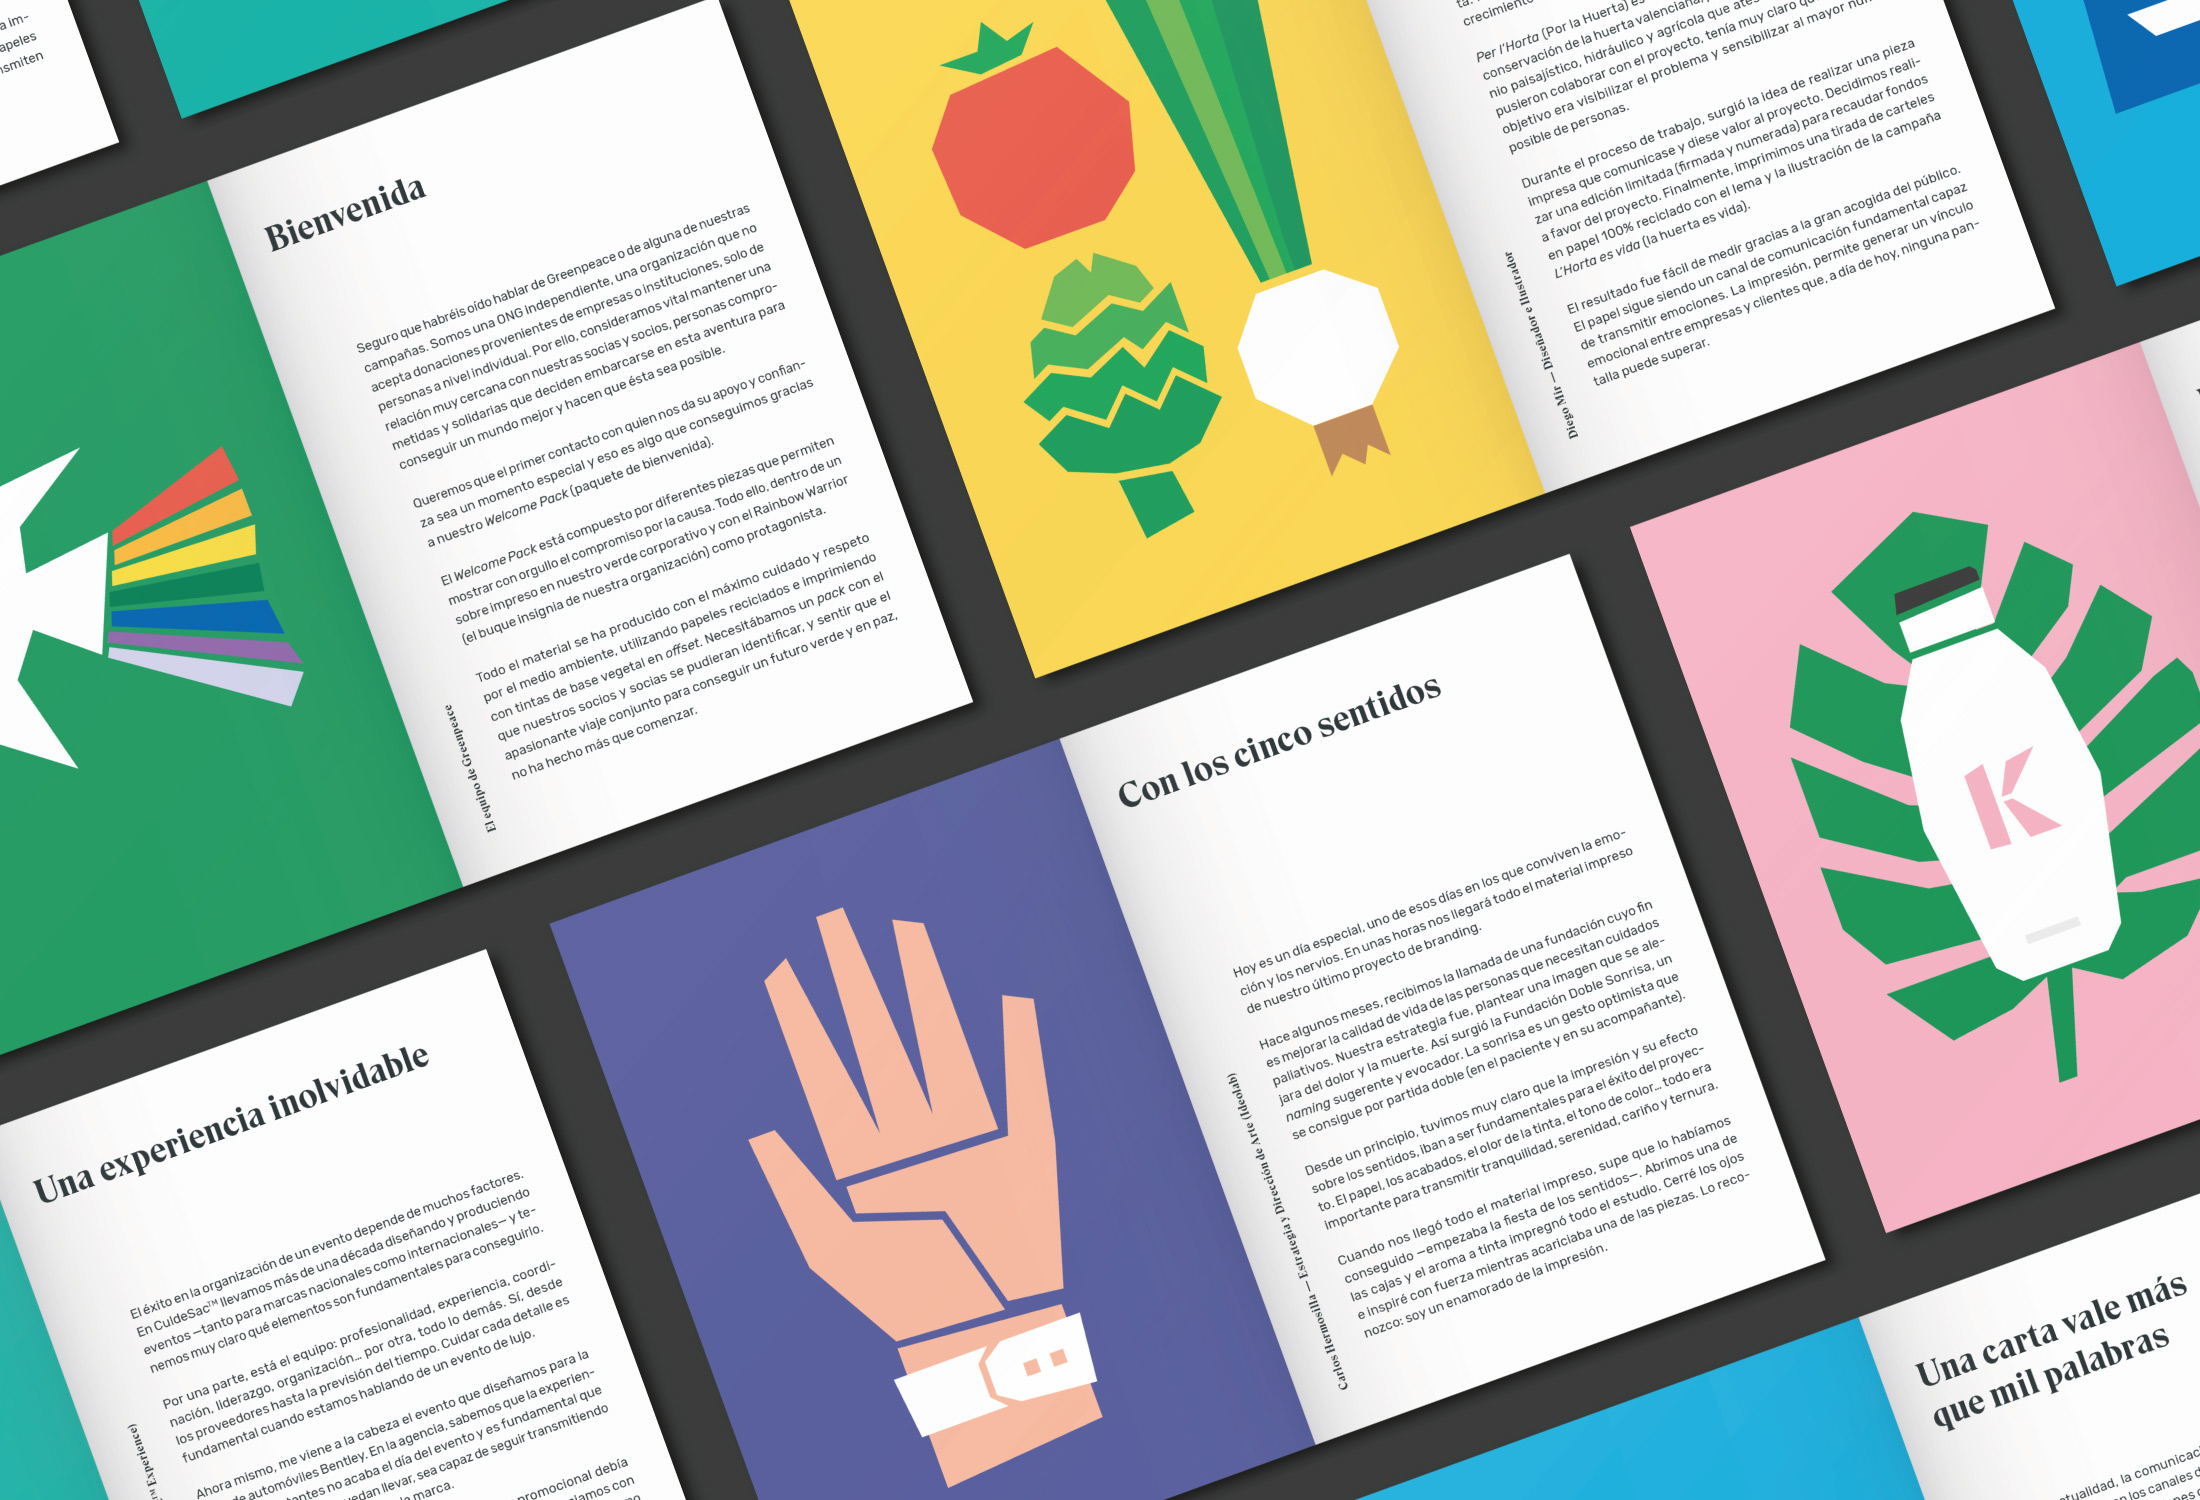 Proceso diseño editorial